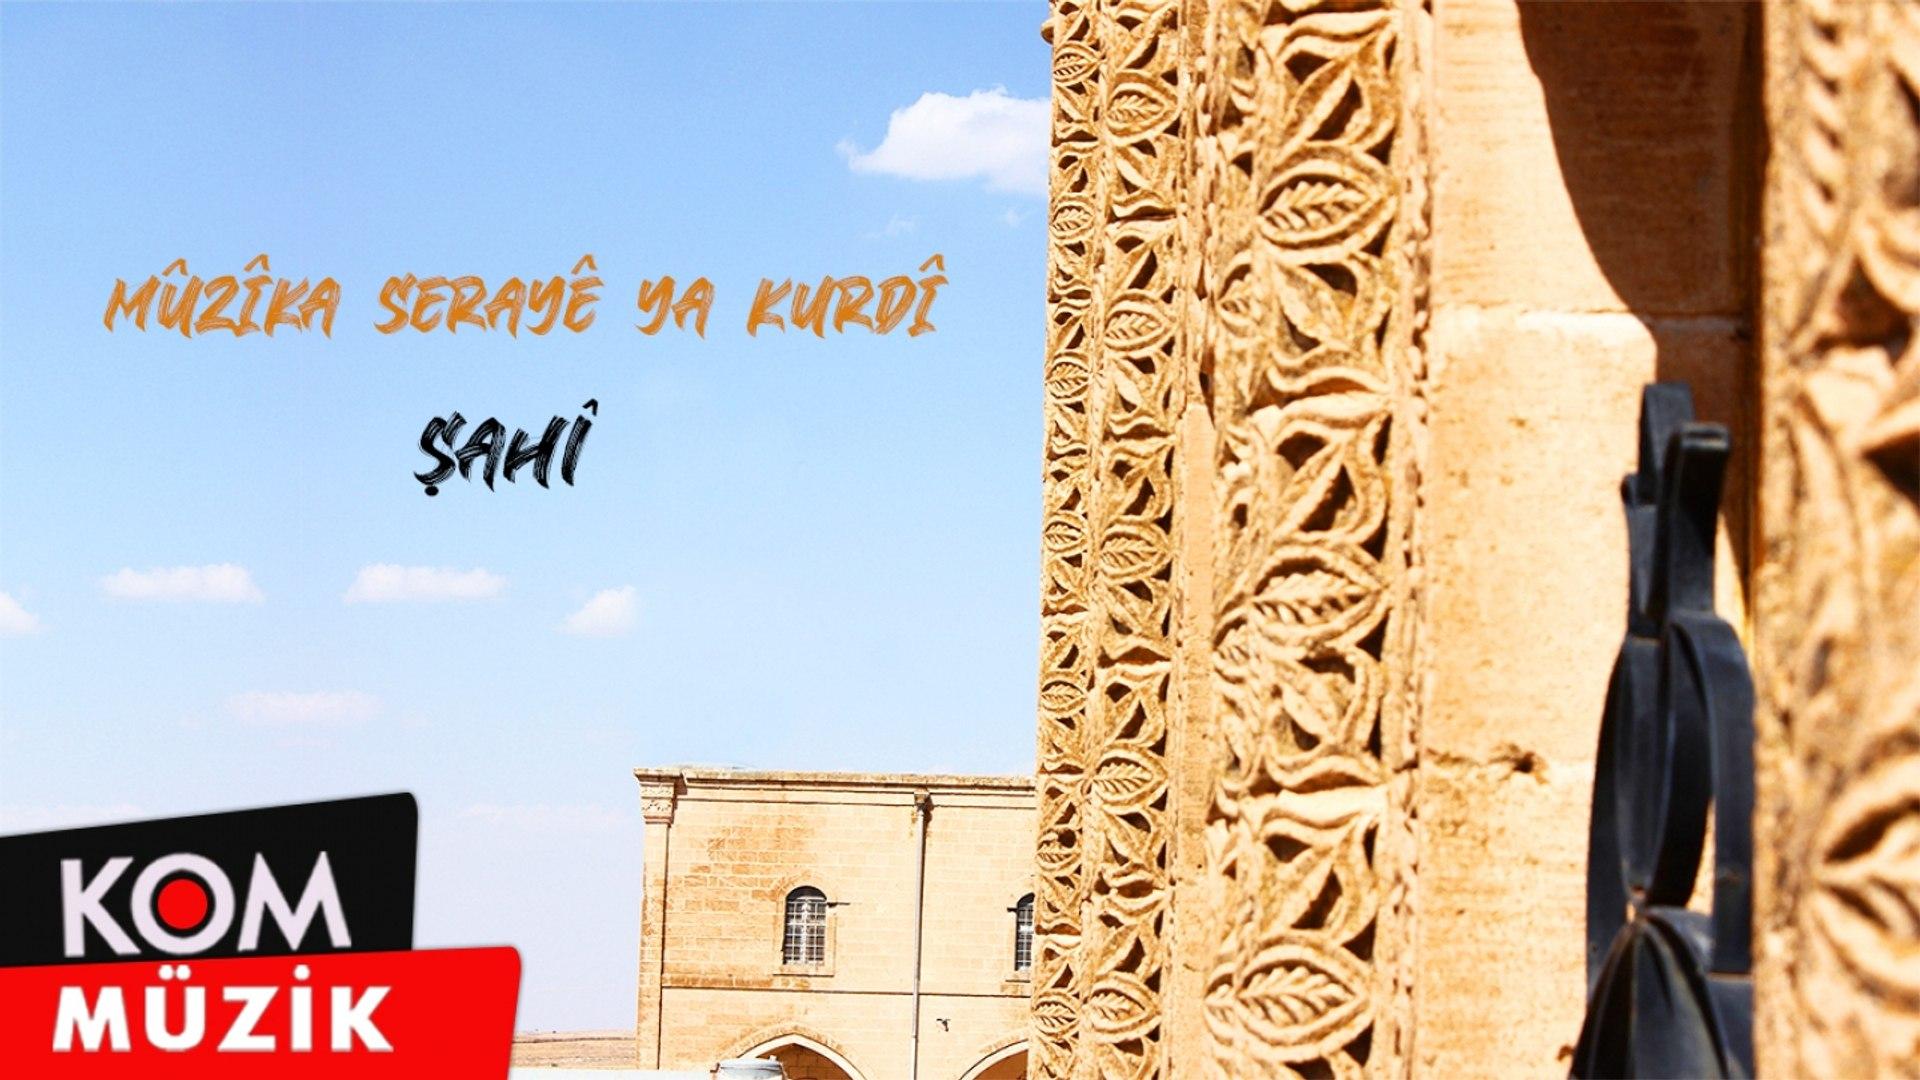 Mûzîka Serayê Ya Kurdî - Şahî (2020 © Kom Müzik)